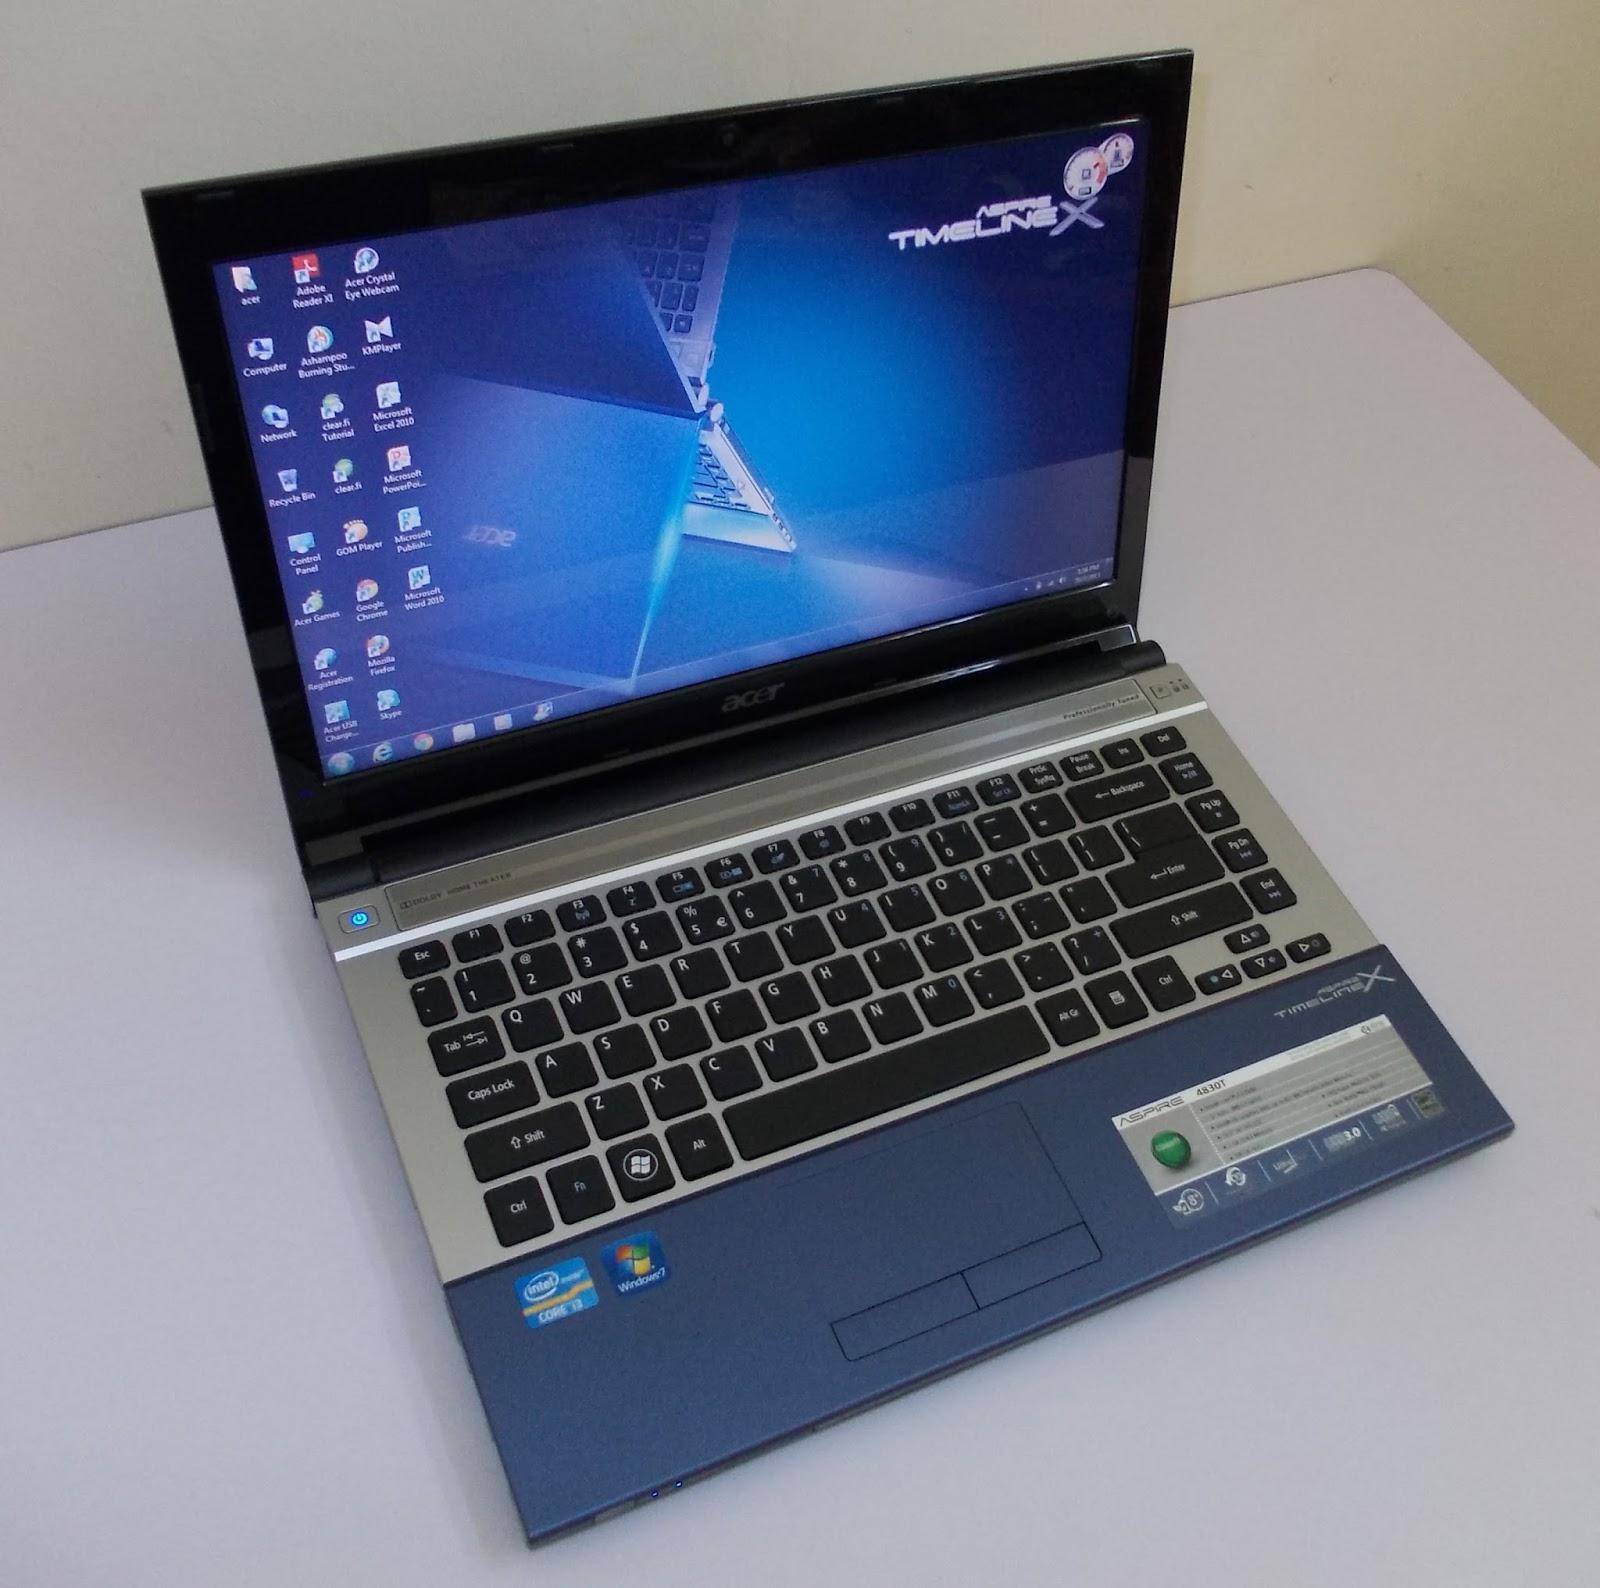 Bán laptop cũ Acer 4830t giá rẻ tại Hà Nội